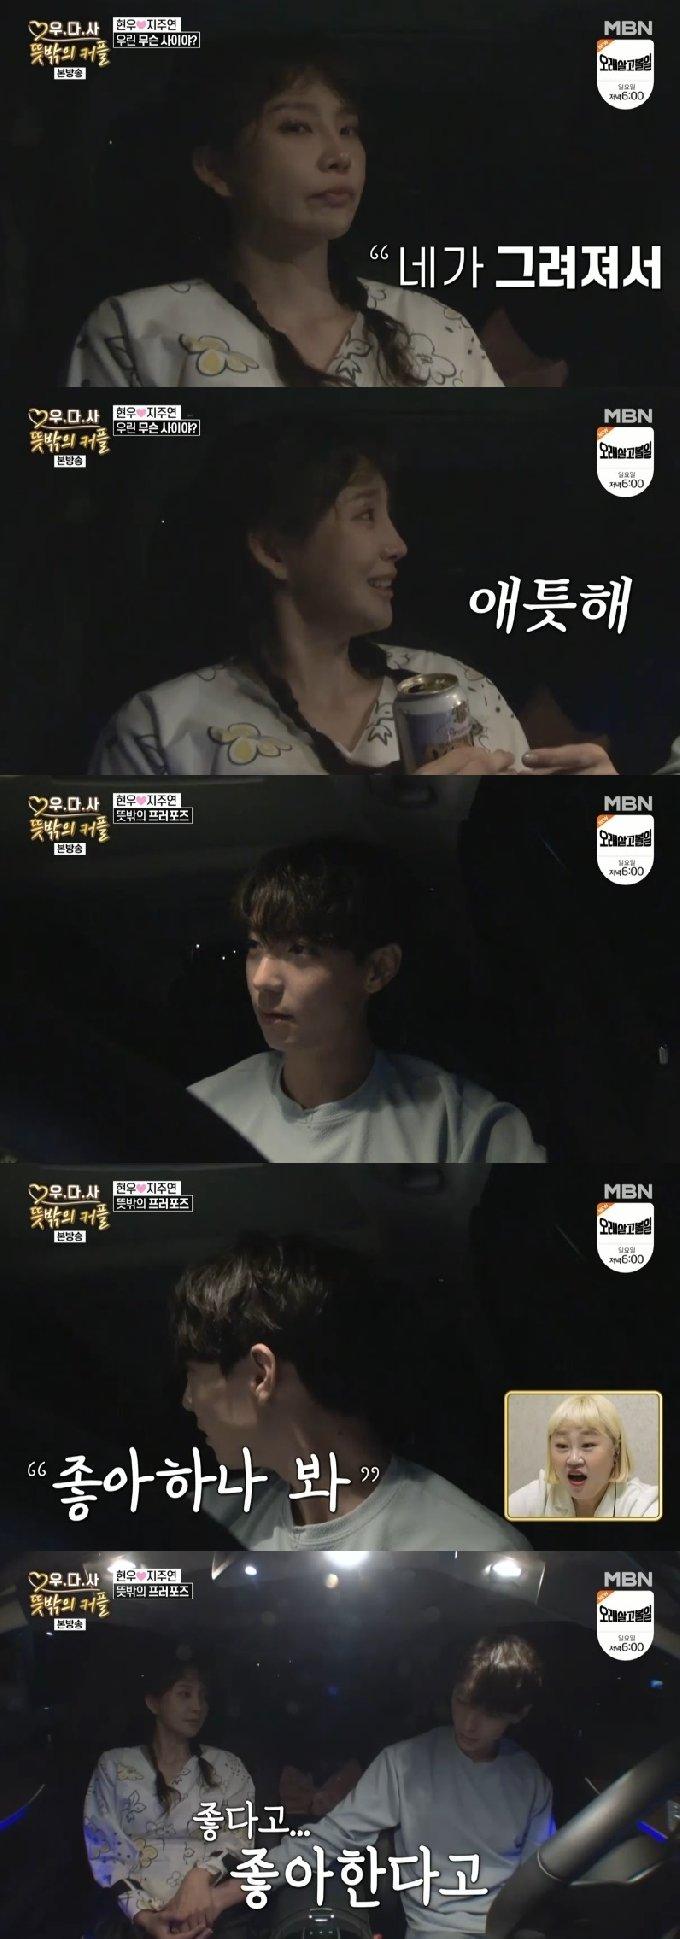 MBN '우다사3' 캡처 © 뉴스1